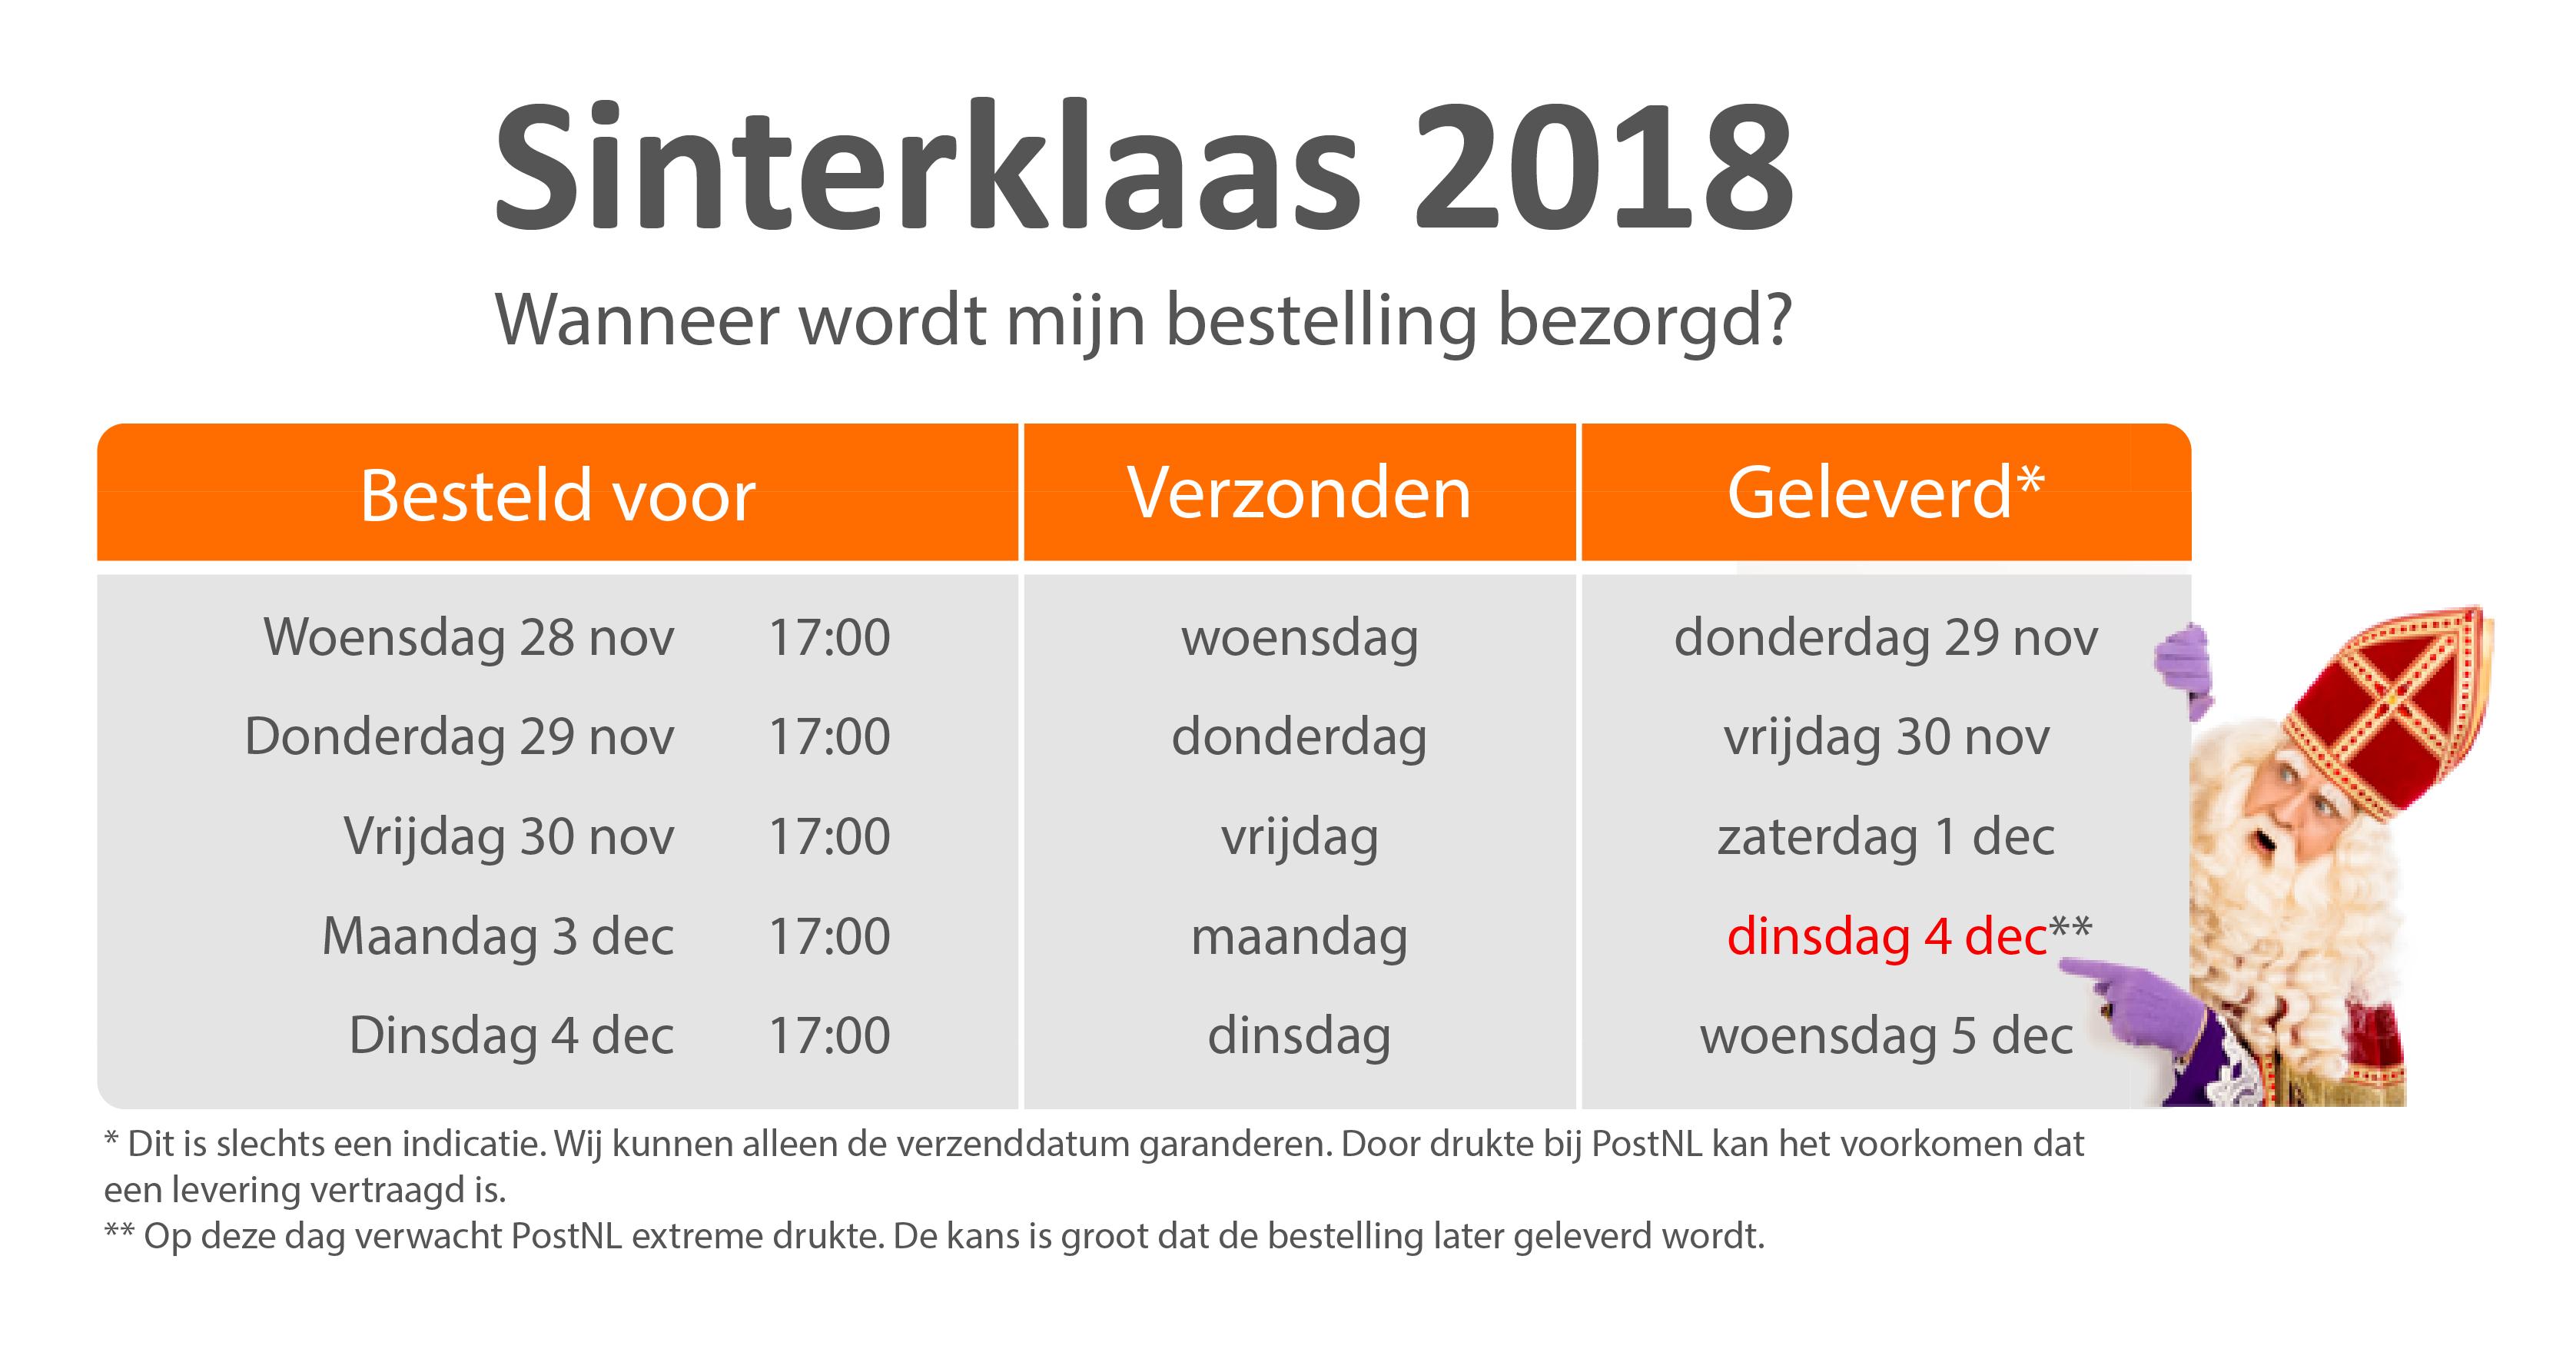 Sinterklaas 2018 levertijden tabel